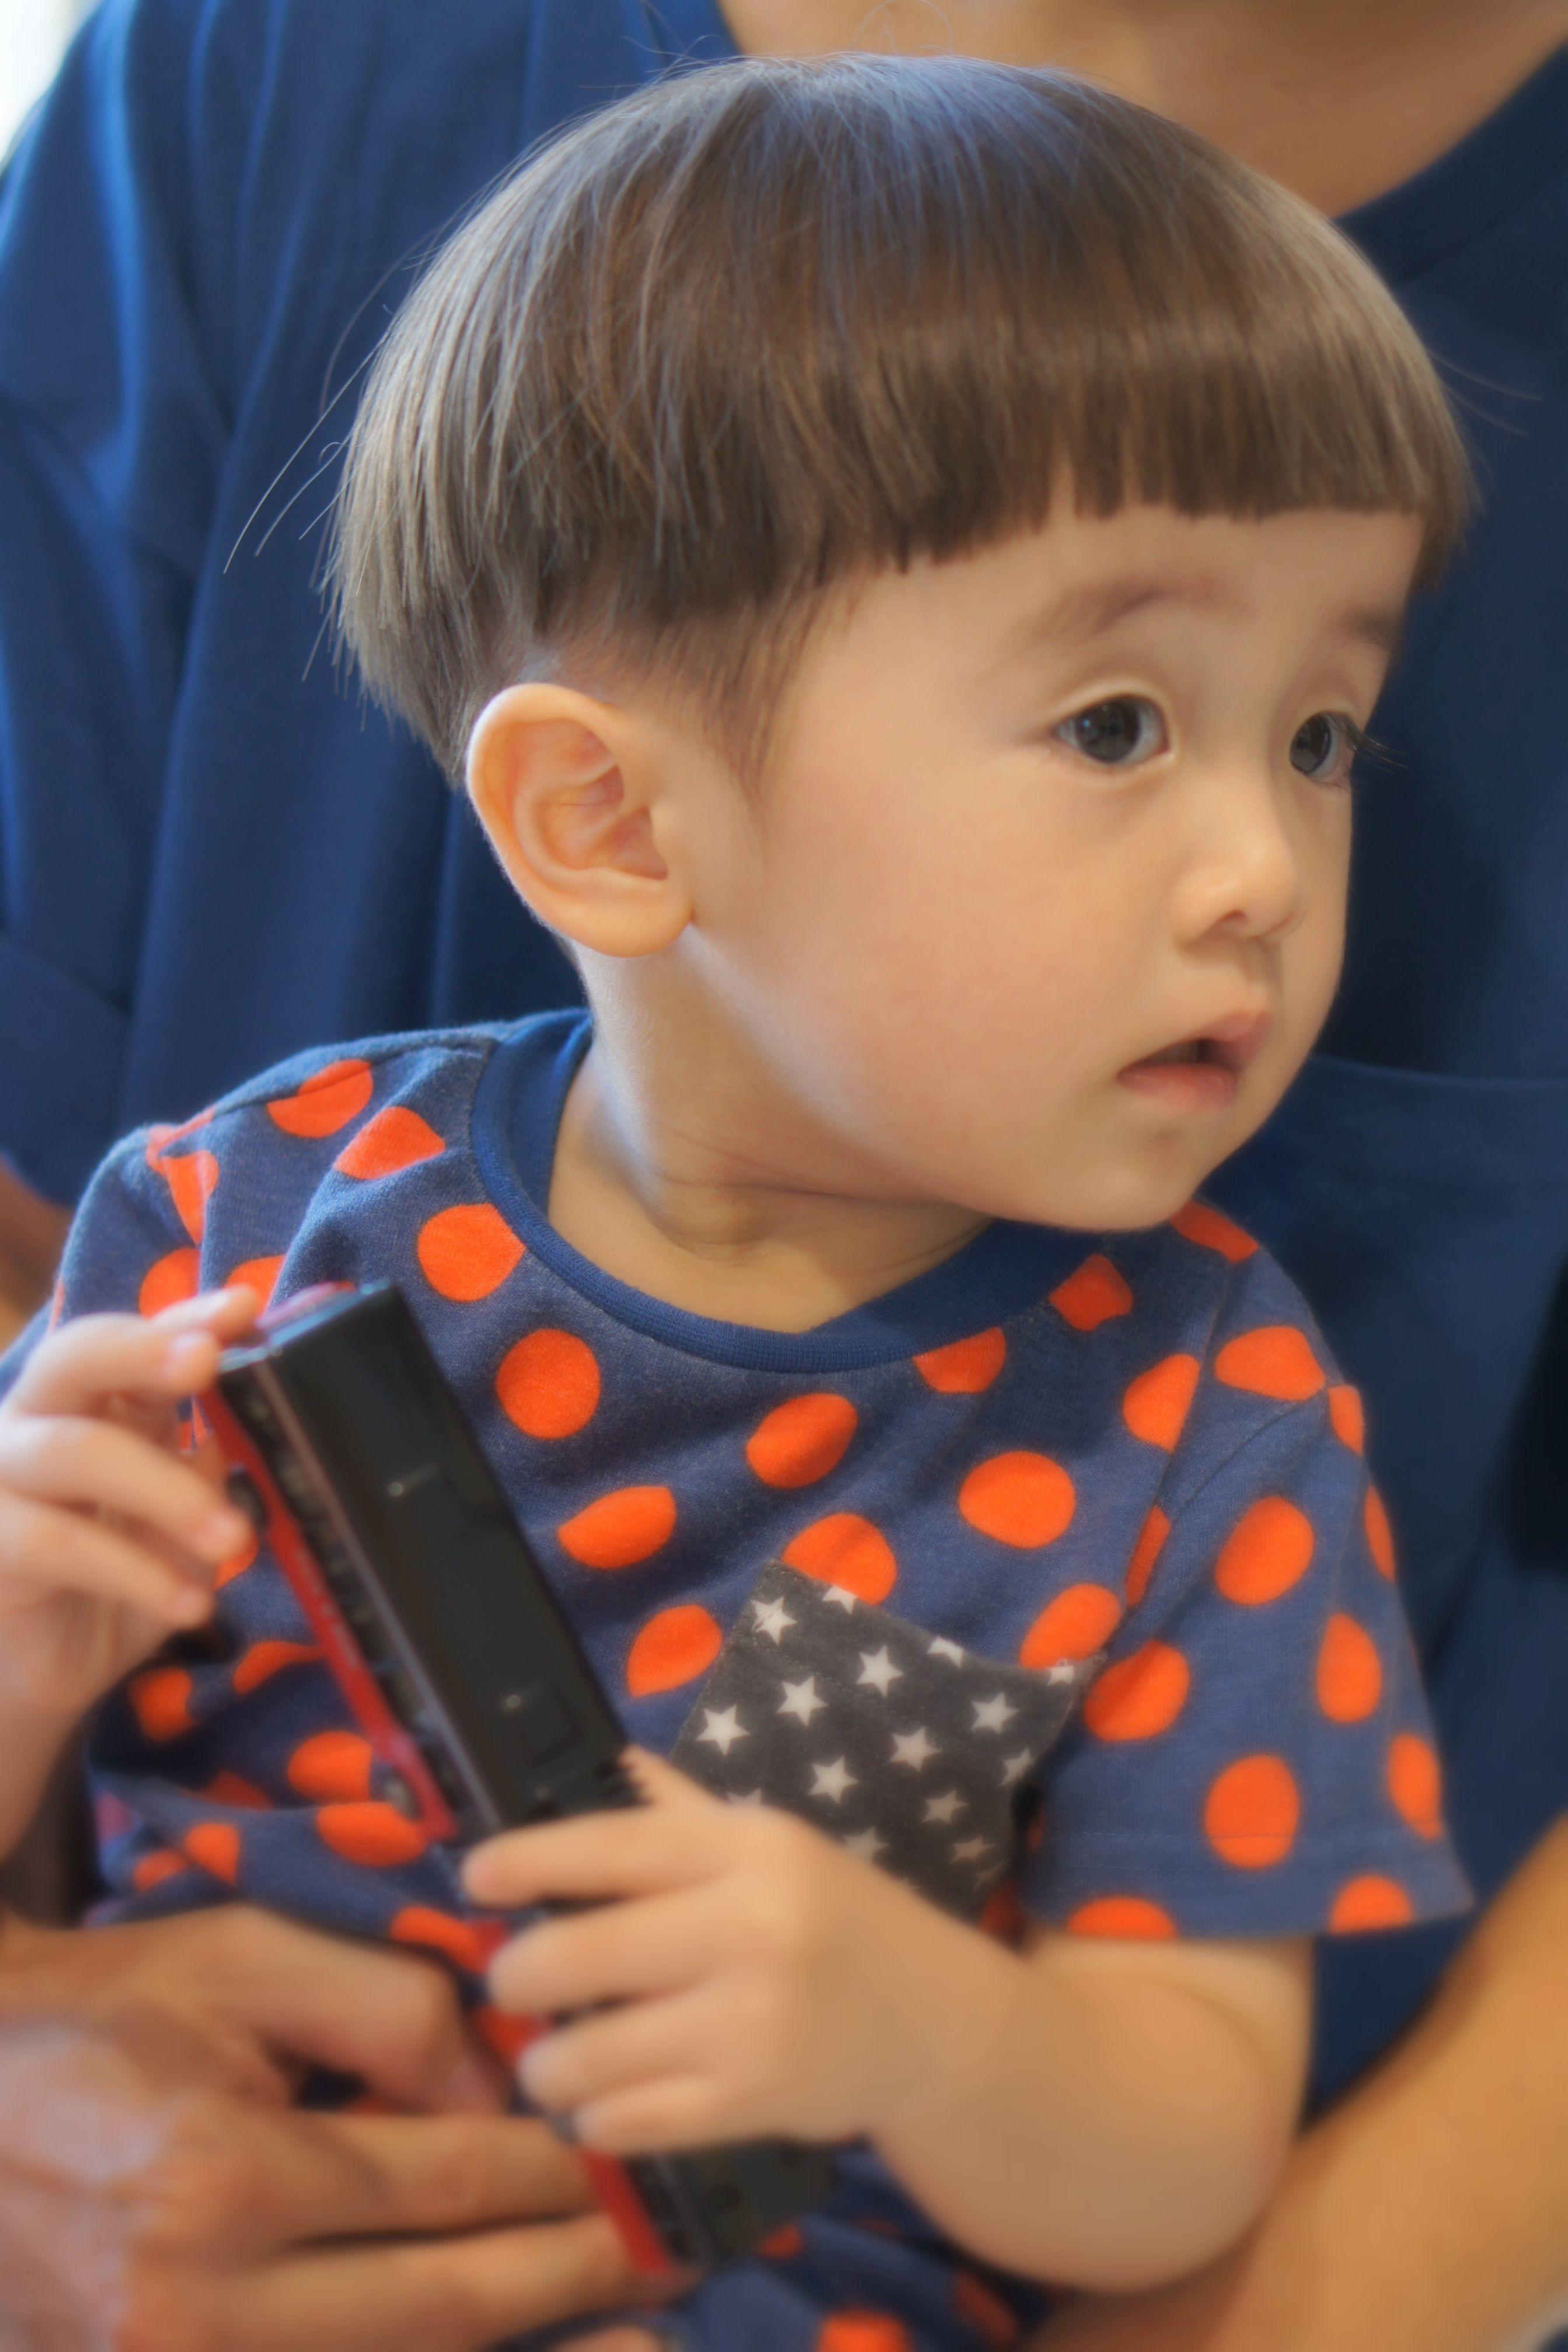 Sony Dsc キッズヘア 男の子 子供 髪型 男の子 男の子のヘアスタイル